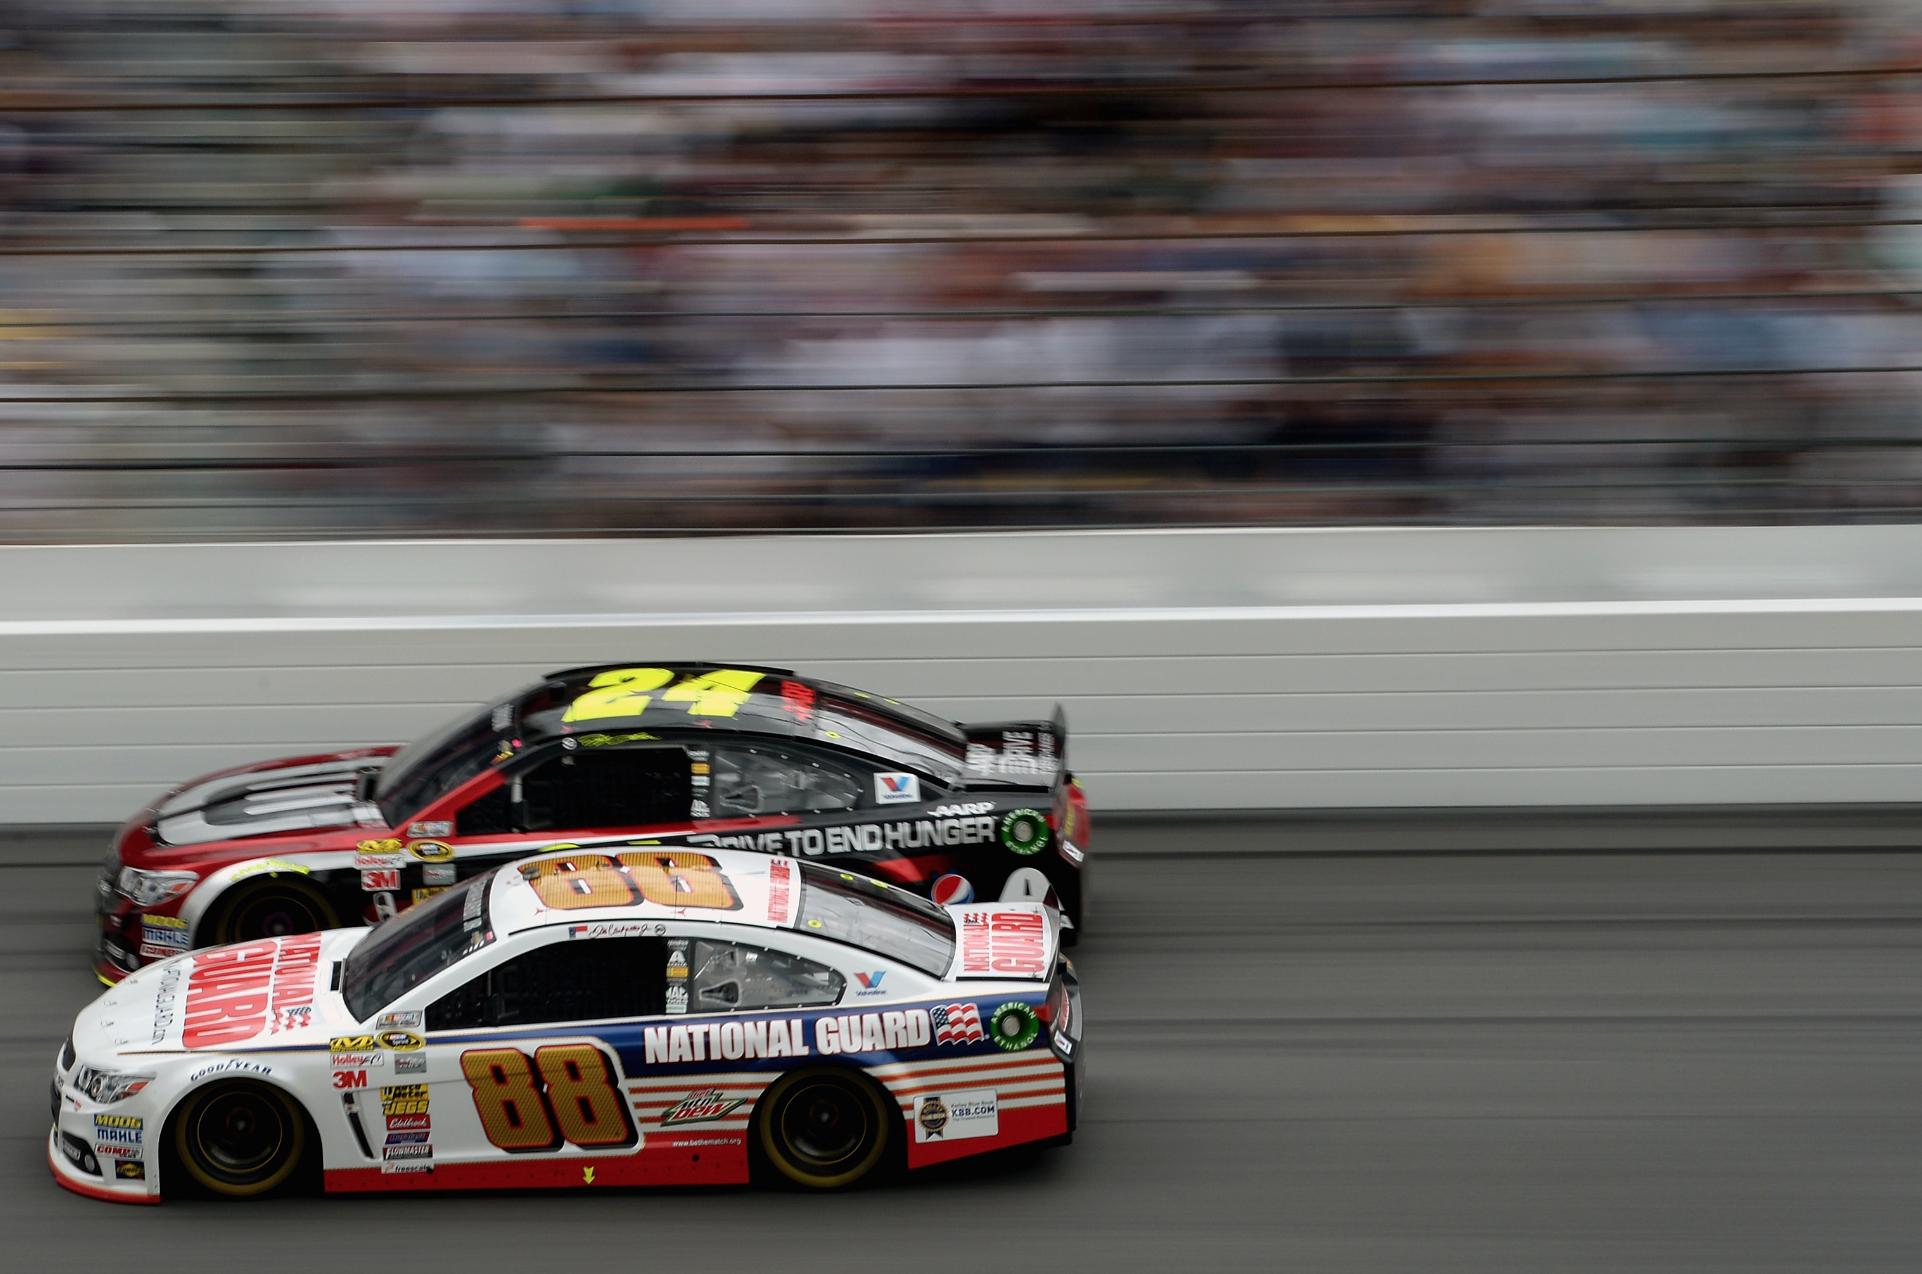 VIDEO - SI Now: Dale Earnhardt Jr. explains how NASCAR drivers get ...